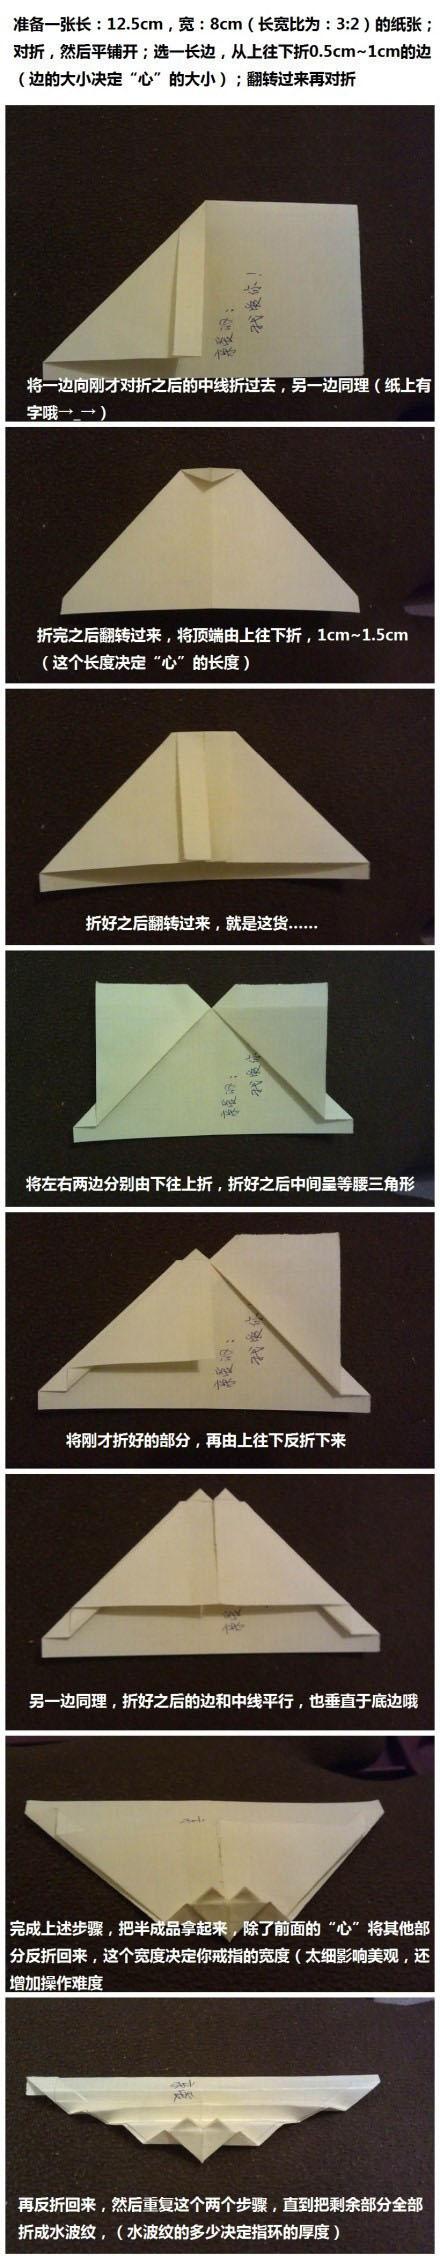 心形戒指2折纸图解与方法教程